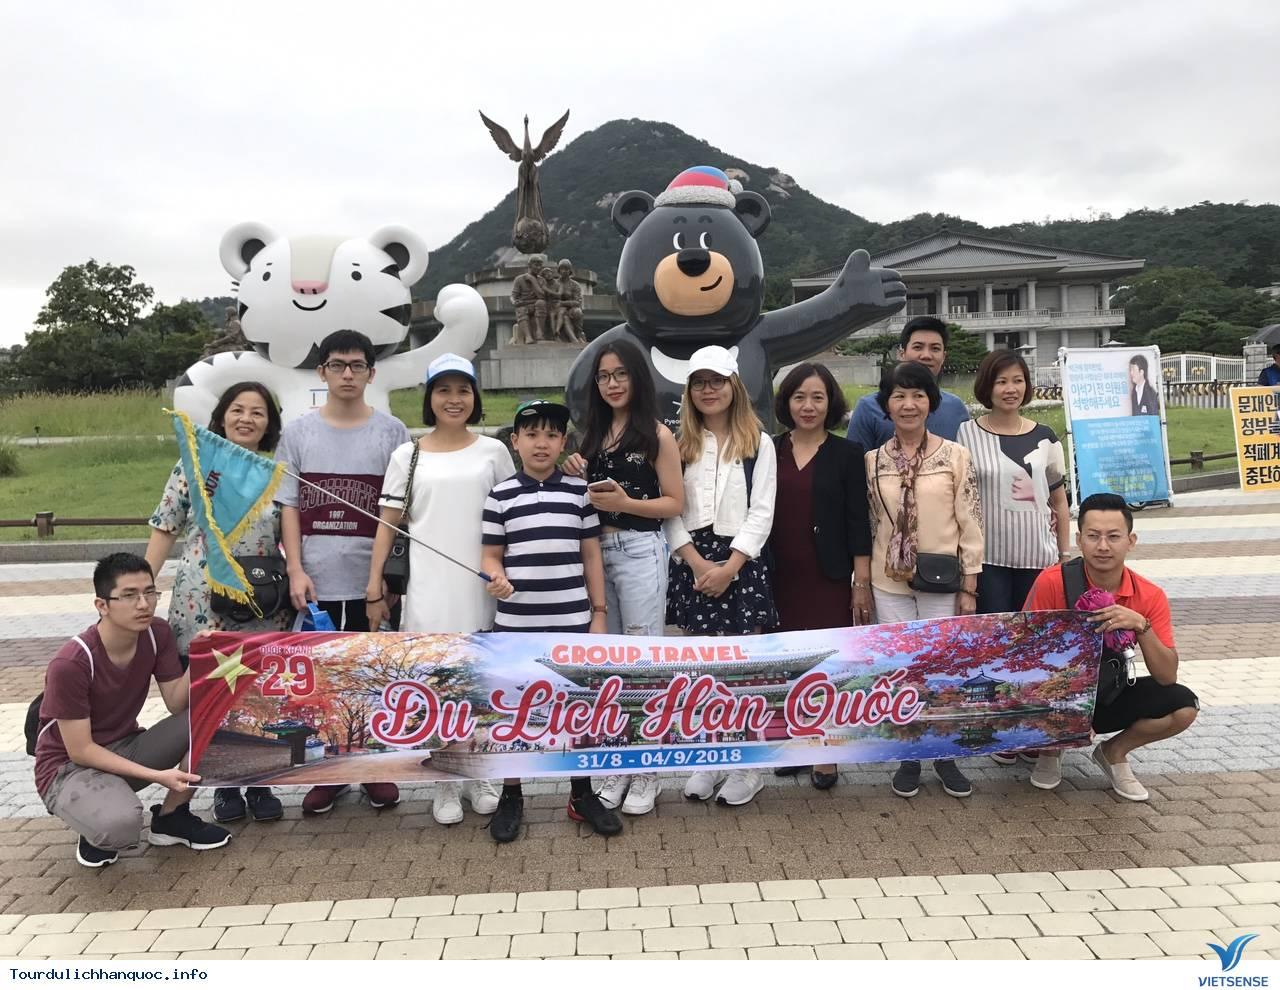 Hình ảnh đoàn Hàn Quốc 31/804/09/2018do Vietsense tổ chức